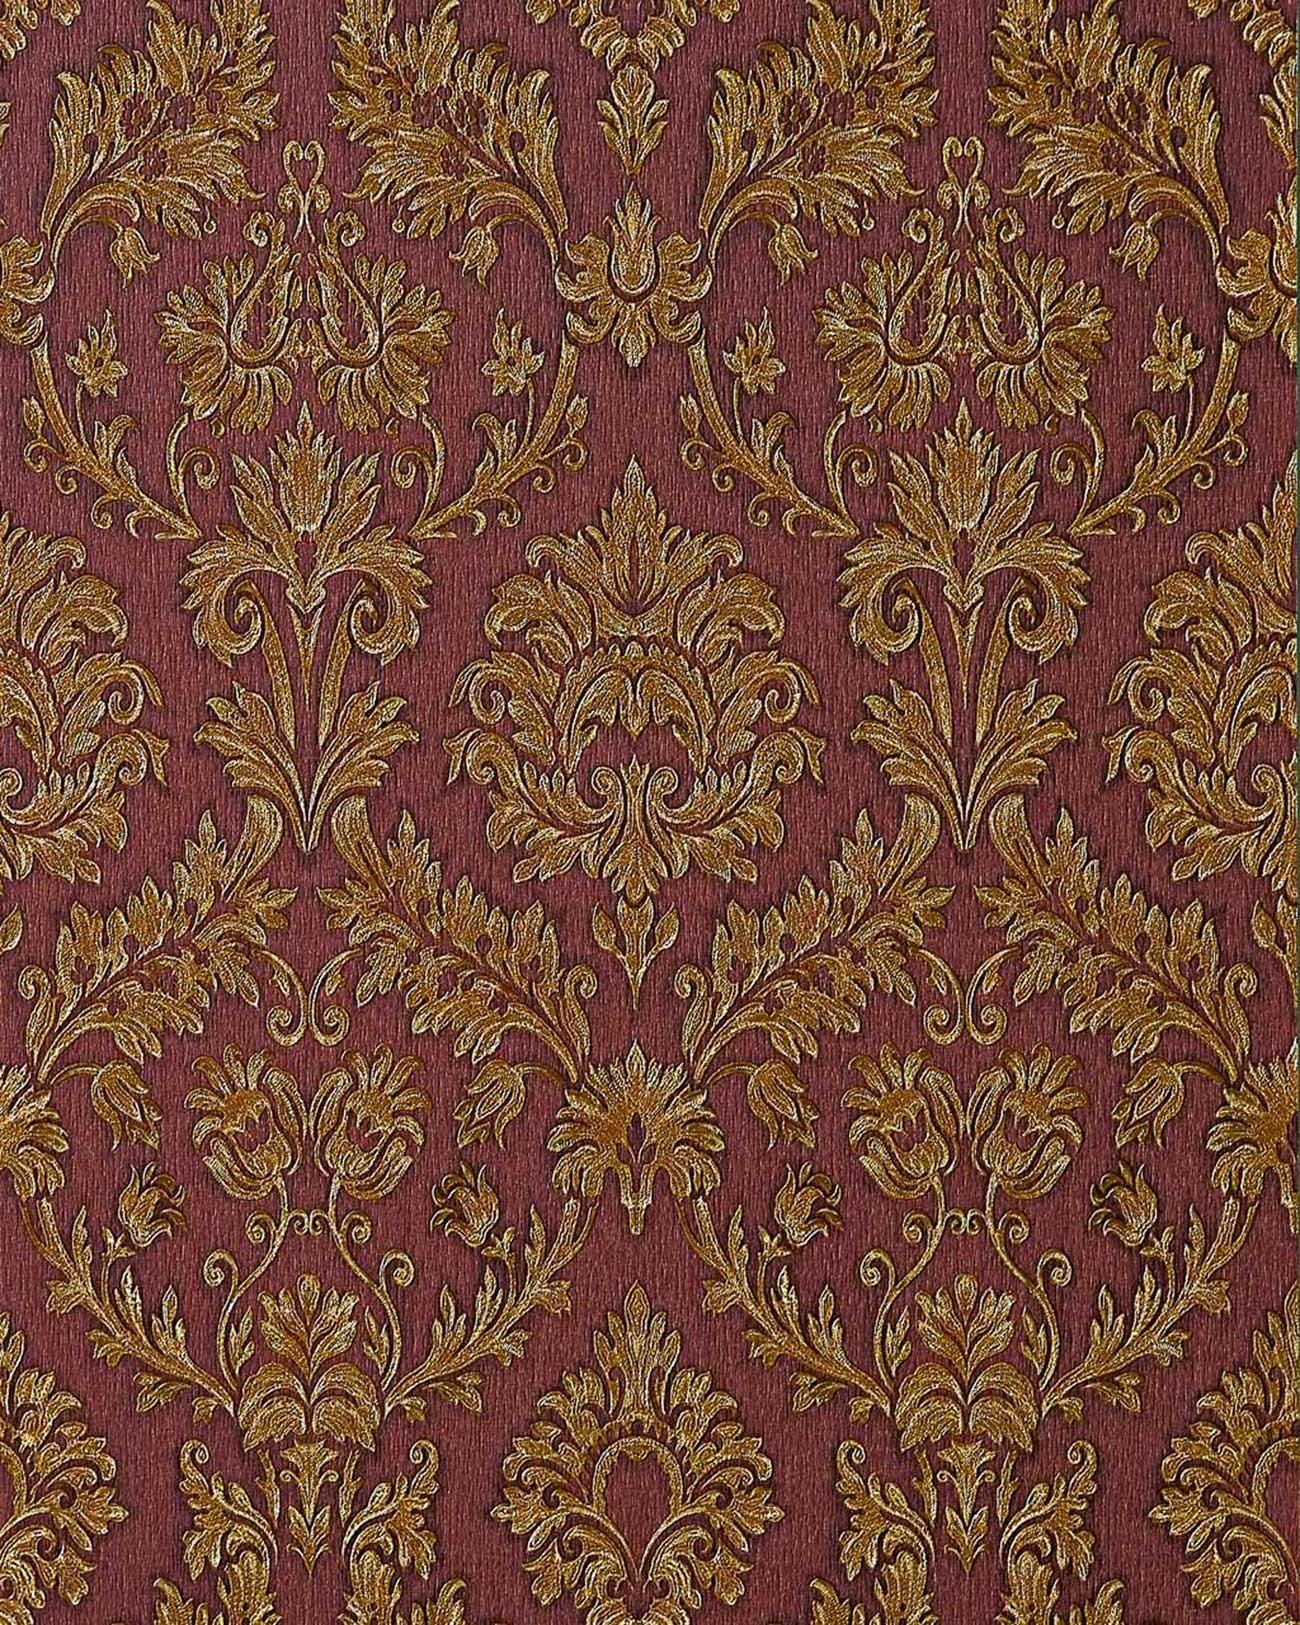 Papel pintado barroco damasco gofrado edem 708 36 de alta for Papel pintado barroco